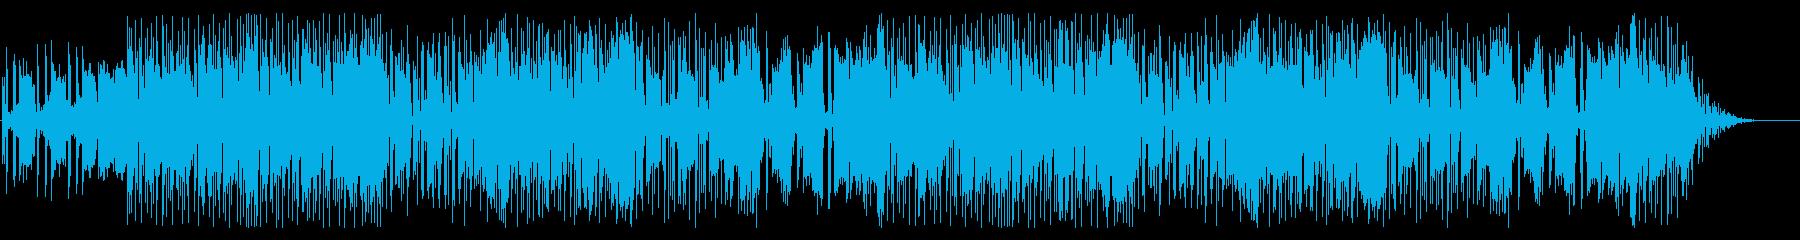 テクノでpopな明るめのBGM的楽曲の再生済みの波形